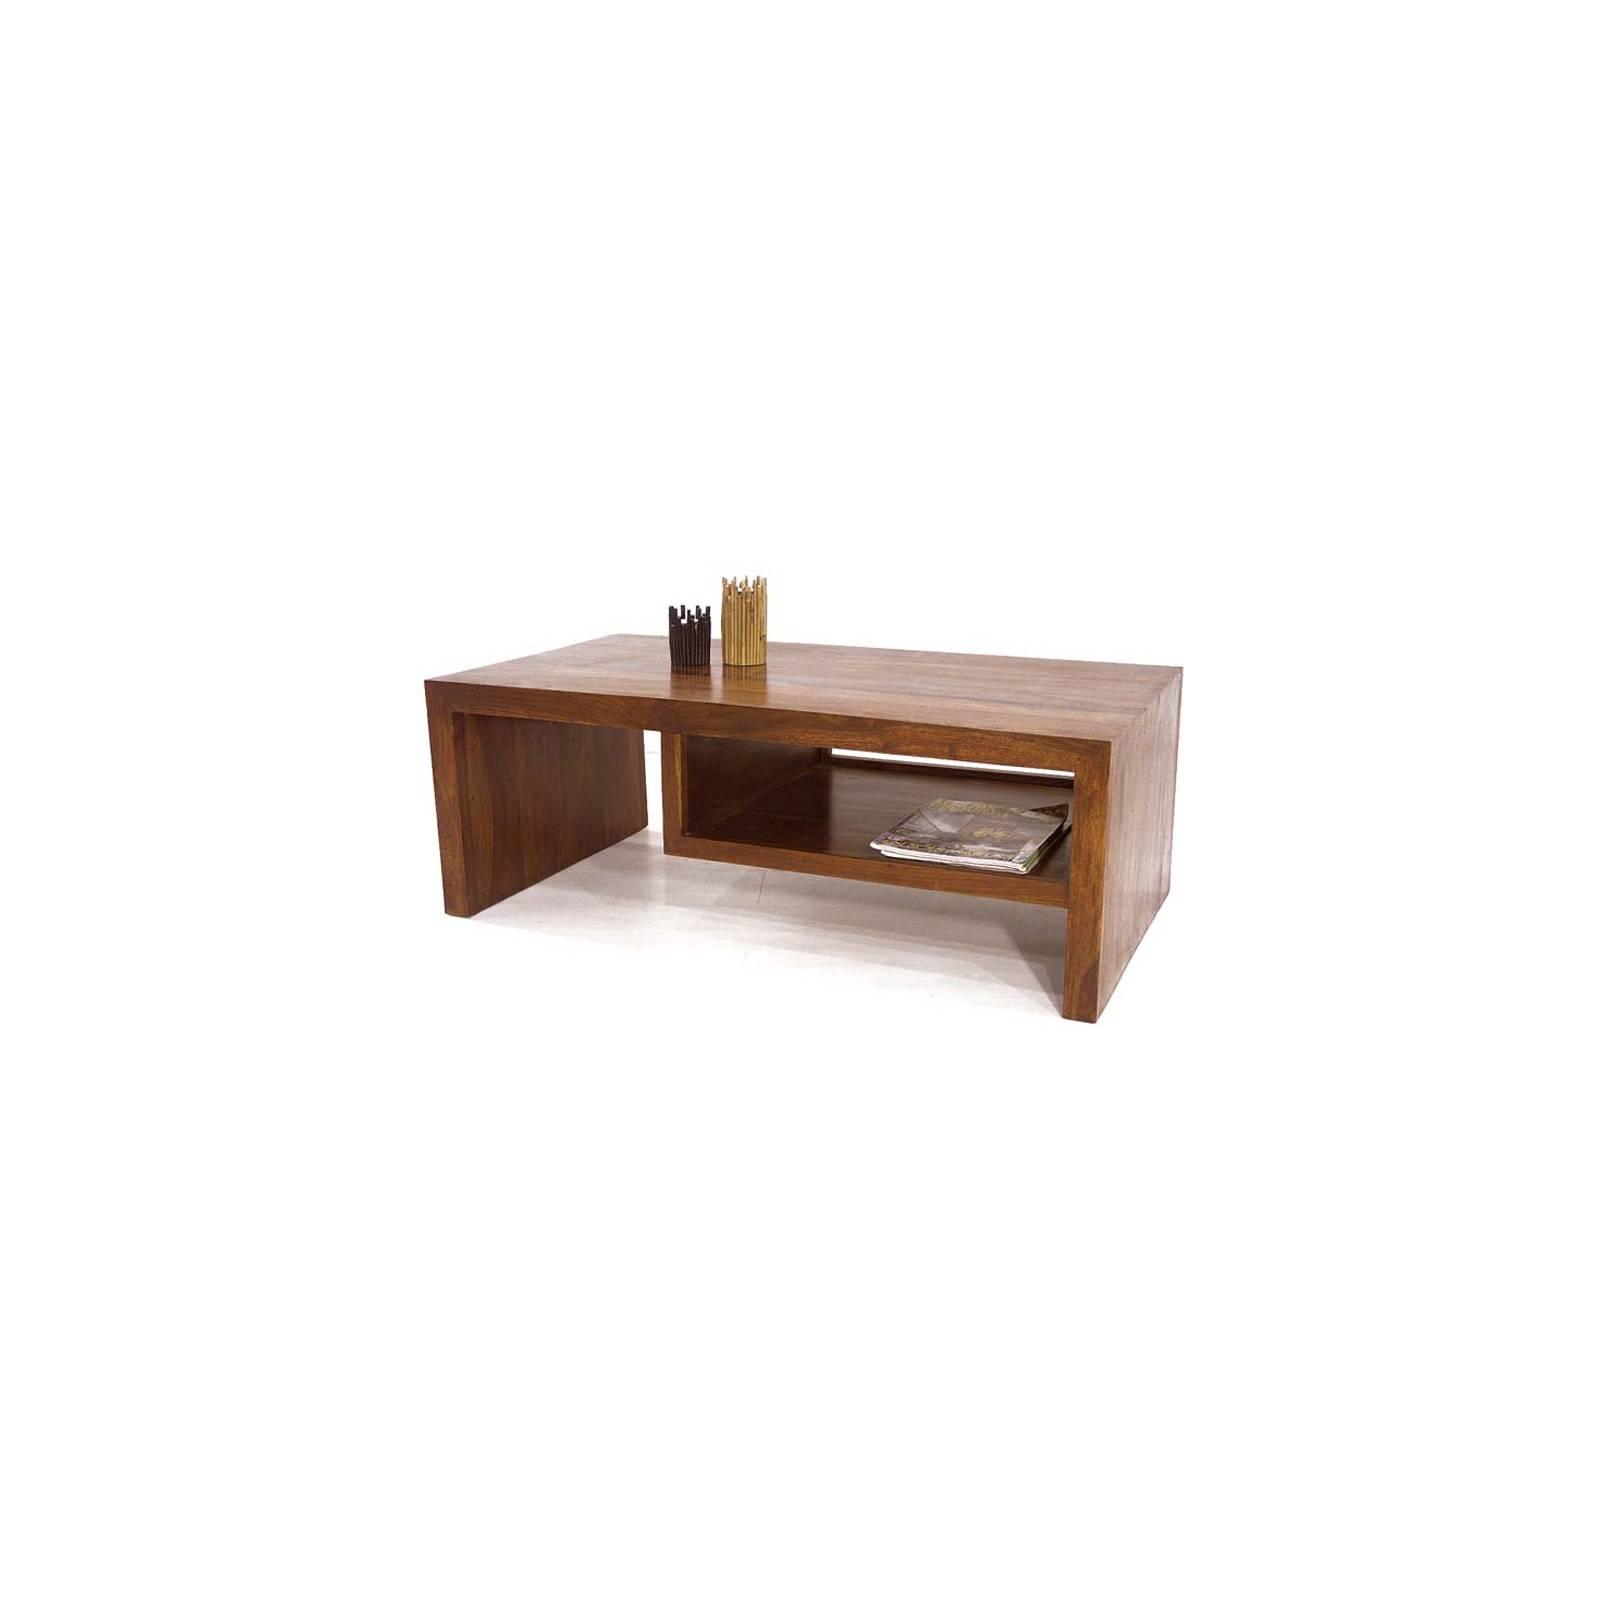 Table Basse Design Palissandre Zen - meuble en bois exotique